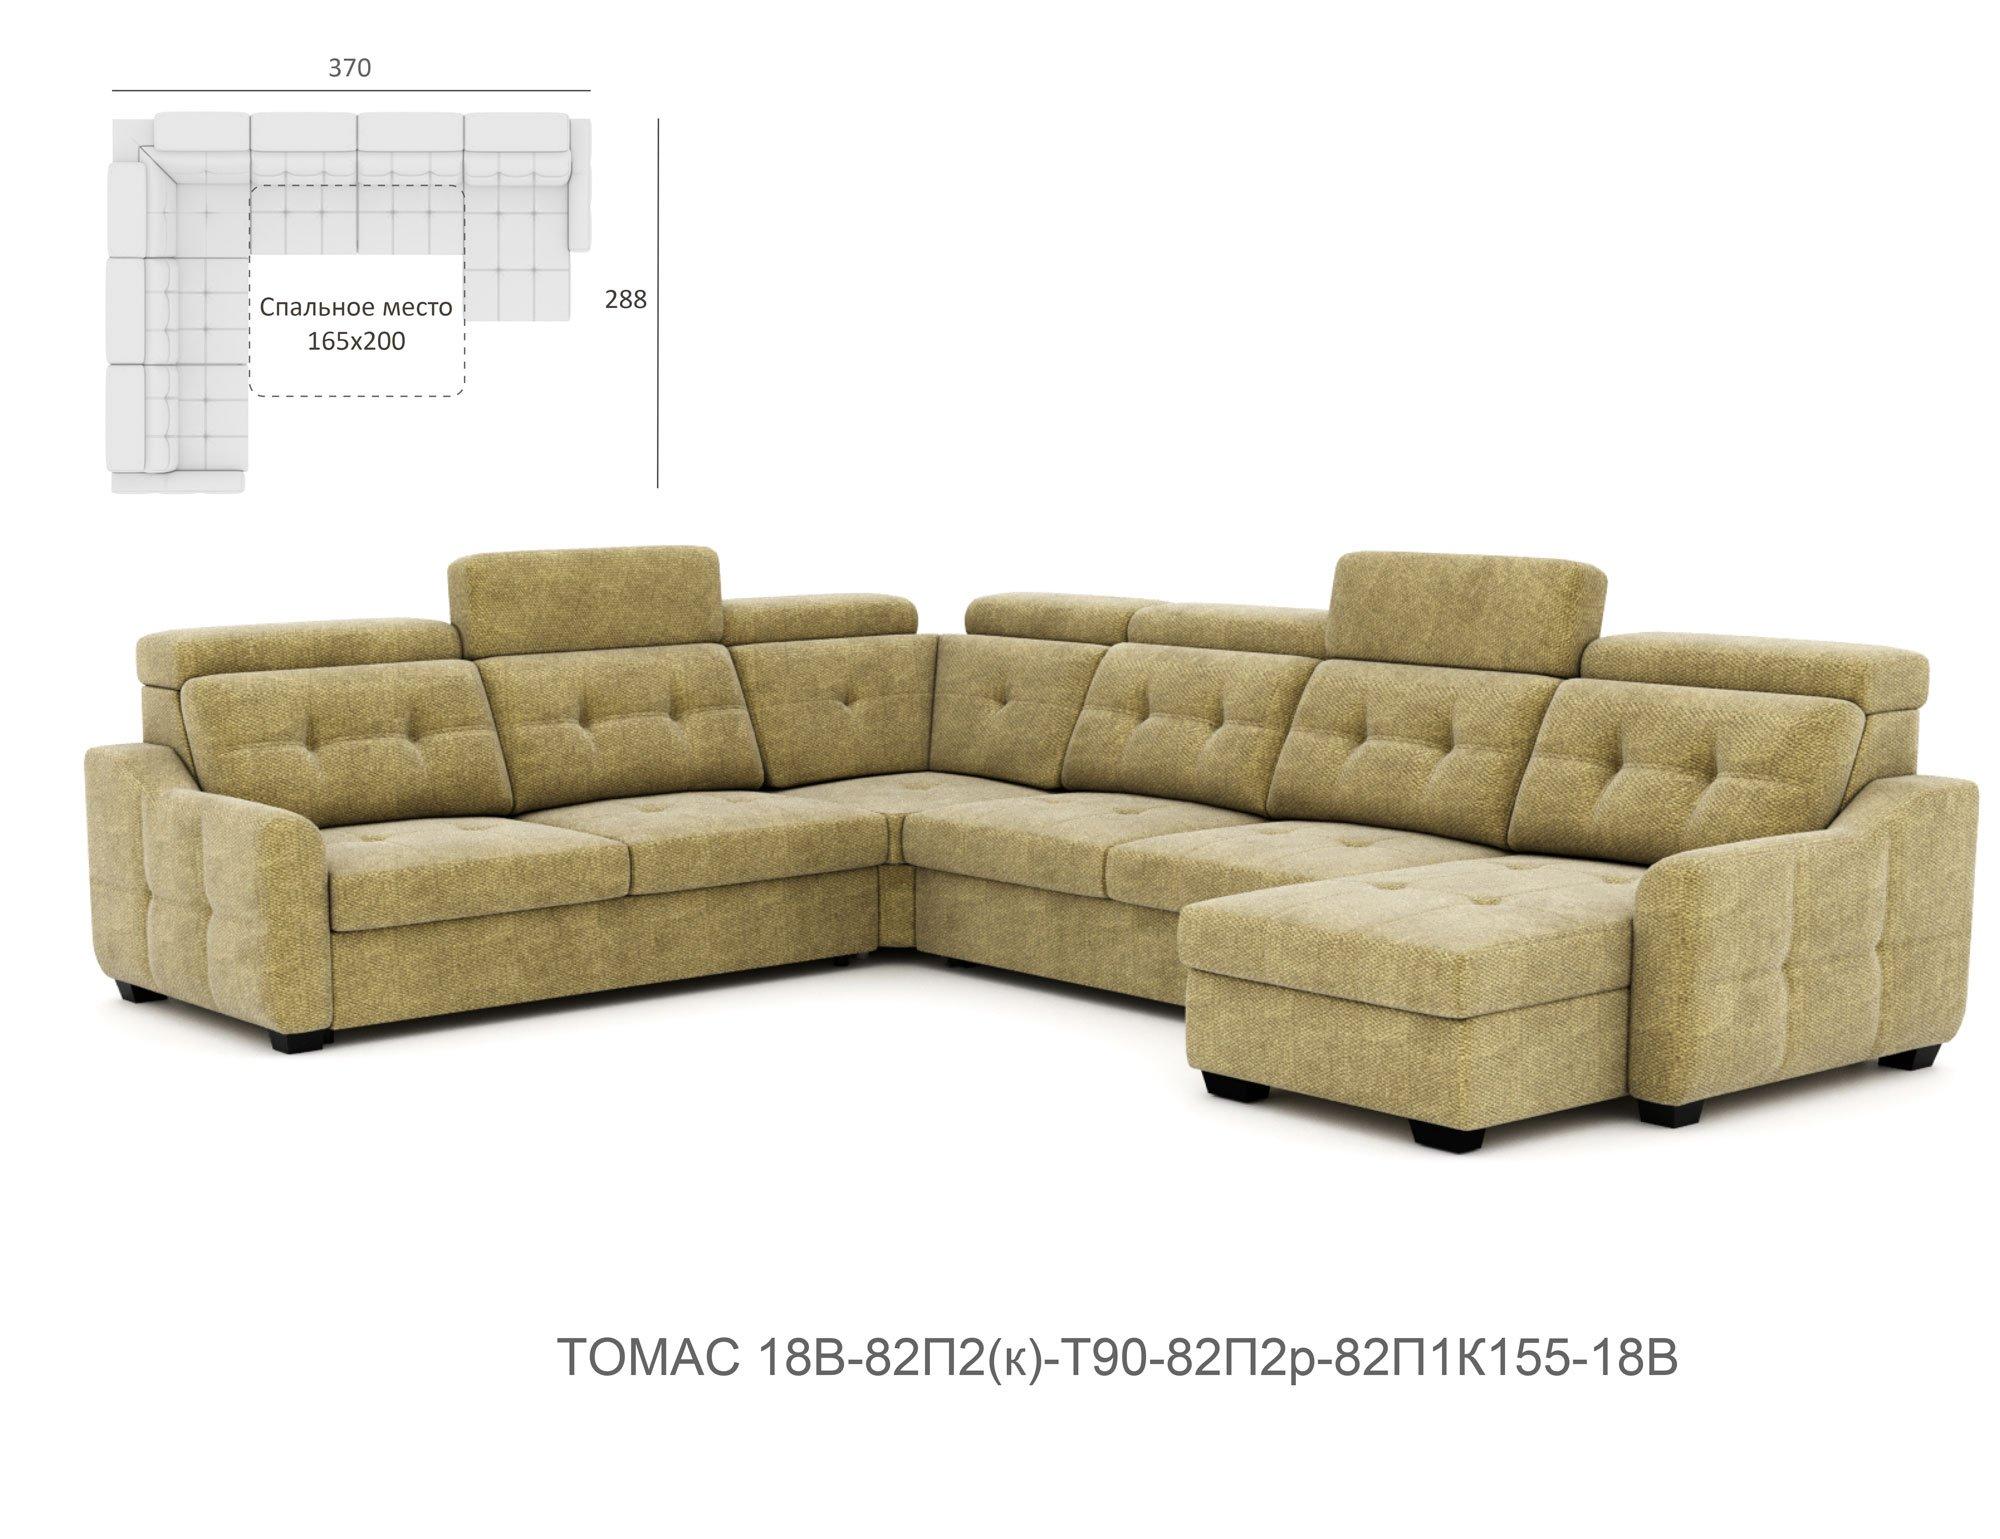 Томас 18В-82П2(к)-Т90-82П2р-82П1К155-18В